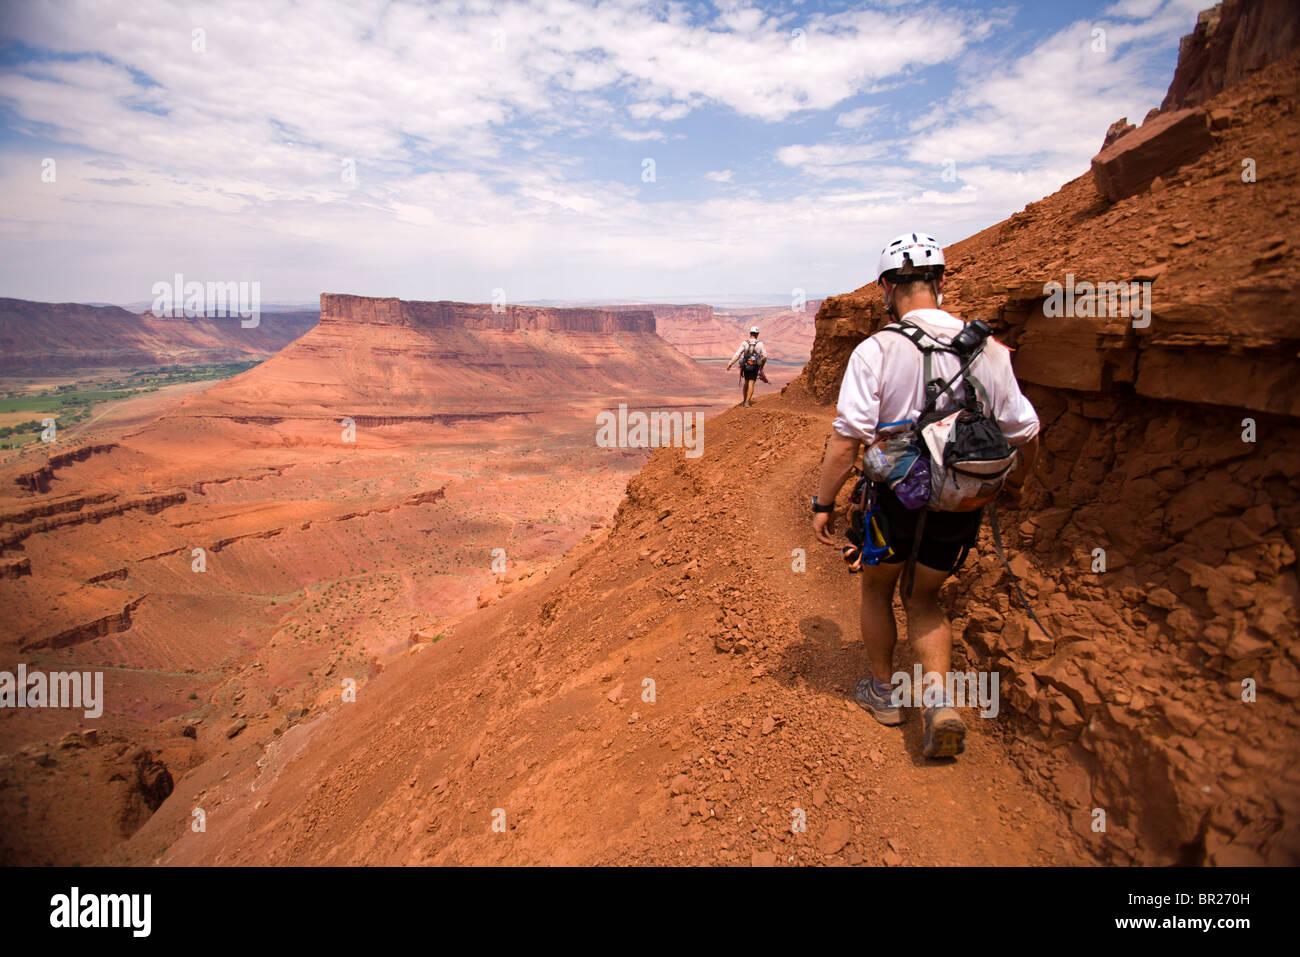 Abenteuer-Racer Wandern entlang einer Höhenloipe in einem Rennen in Moab, Utah (Silhouette). Stockbild